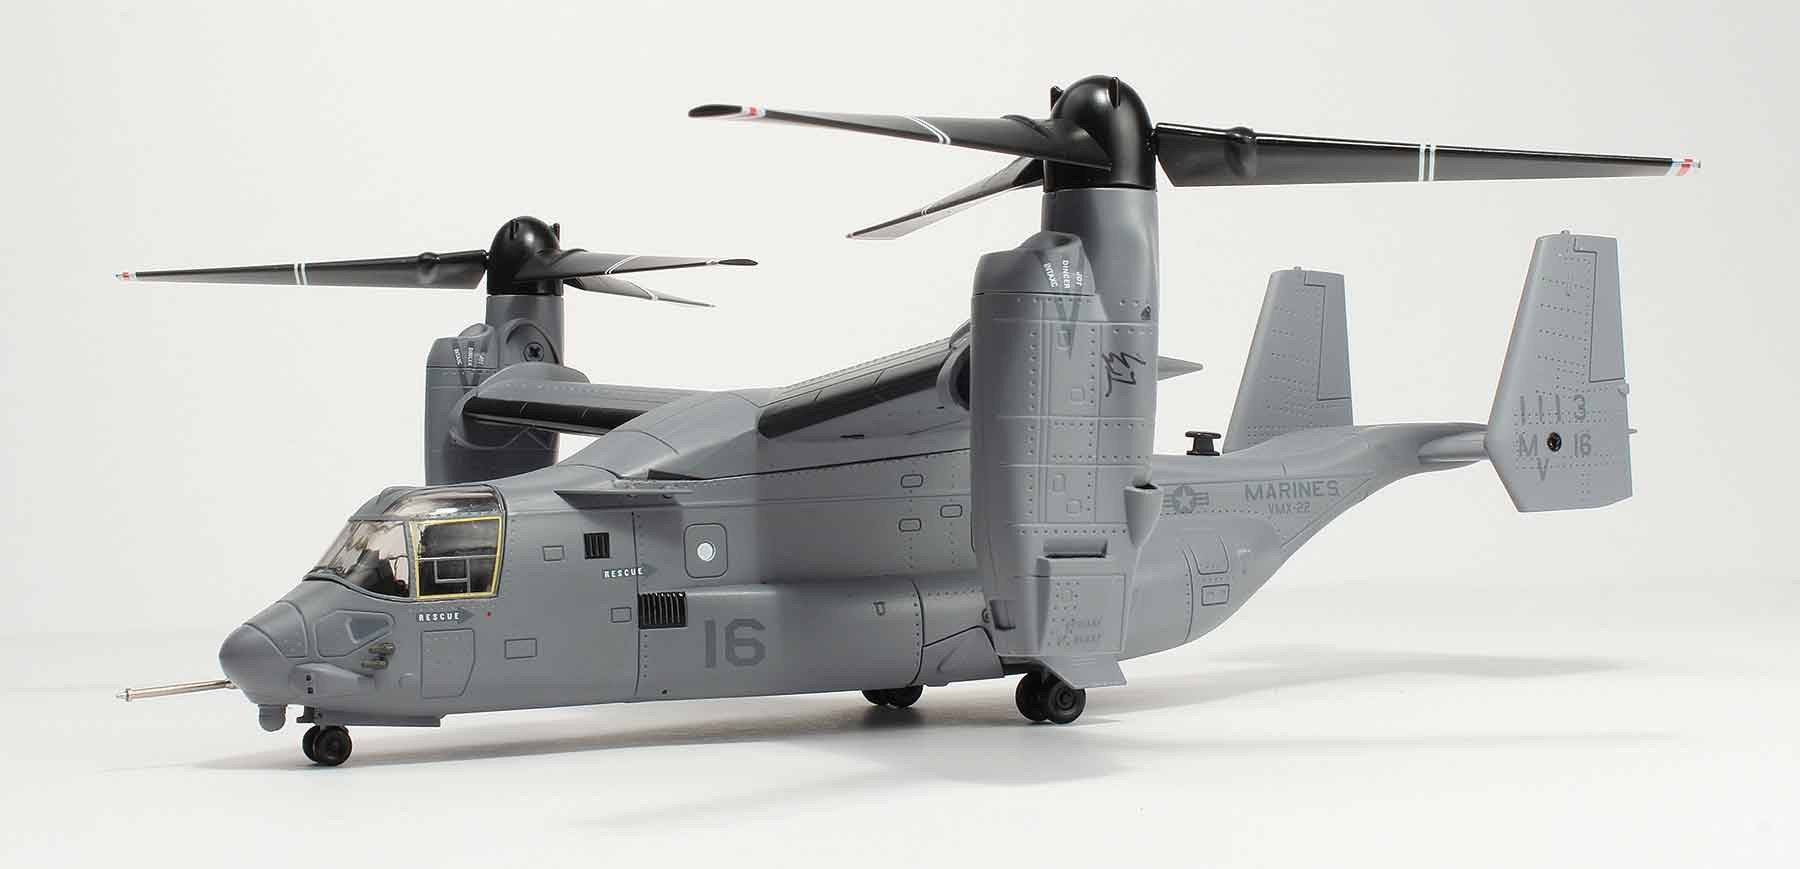 Marines Bell Boeing V-22 Osprey Turboprop W/stand AF1-00010 1:72